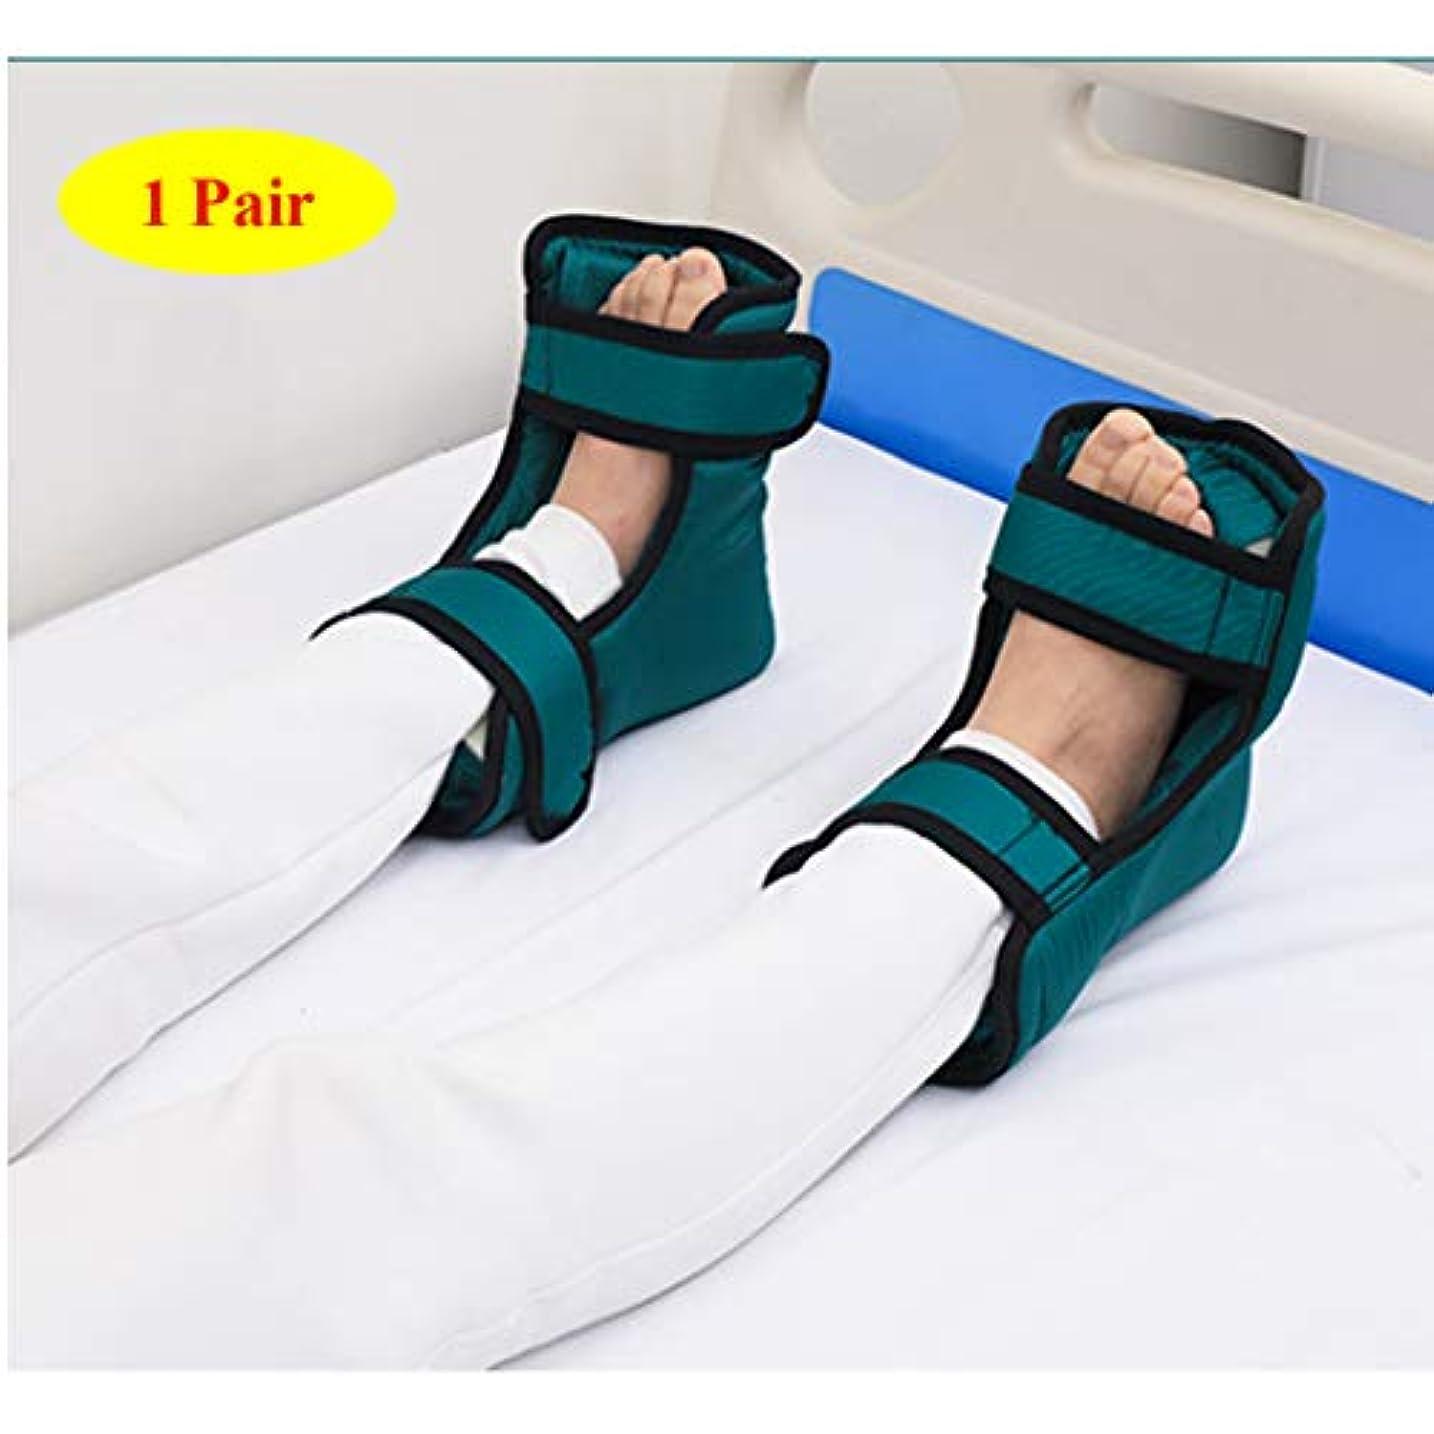 地下ゼロ共産主義ヒールクッションプロテクター1ペア - ヒールブーツ保護 - 足と足首の枕パッドガード - 足を保護する、肘、かかと - ベッド&褥瘡